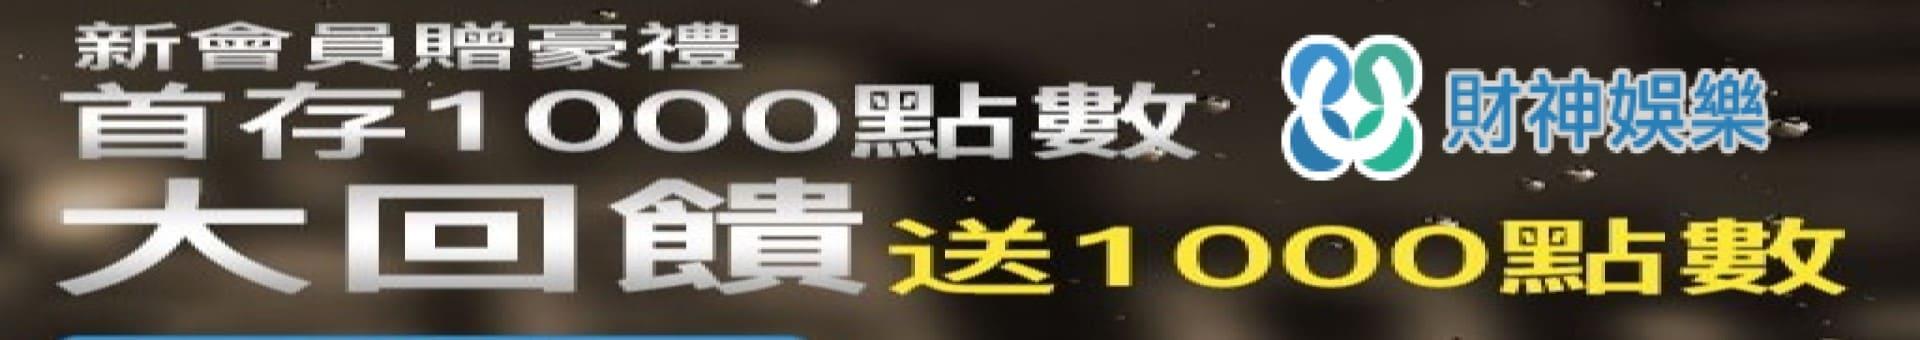 財神娛樂1000